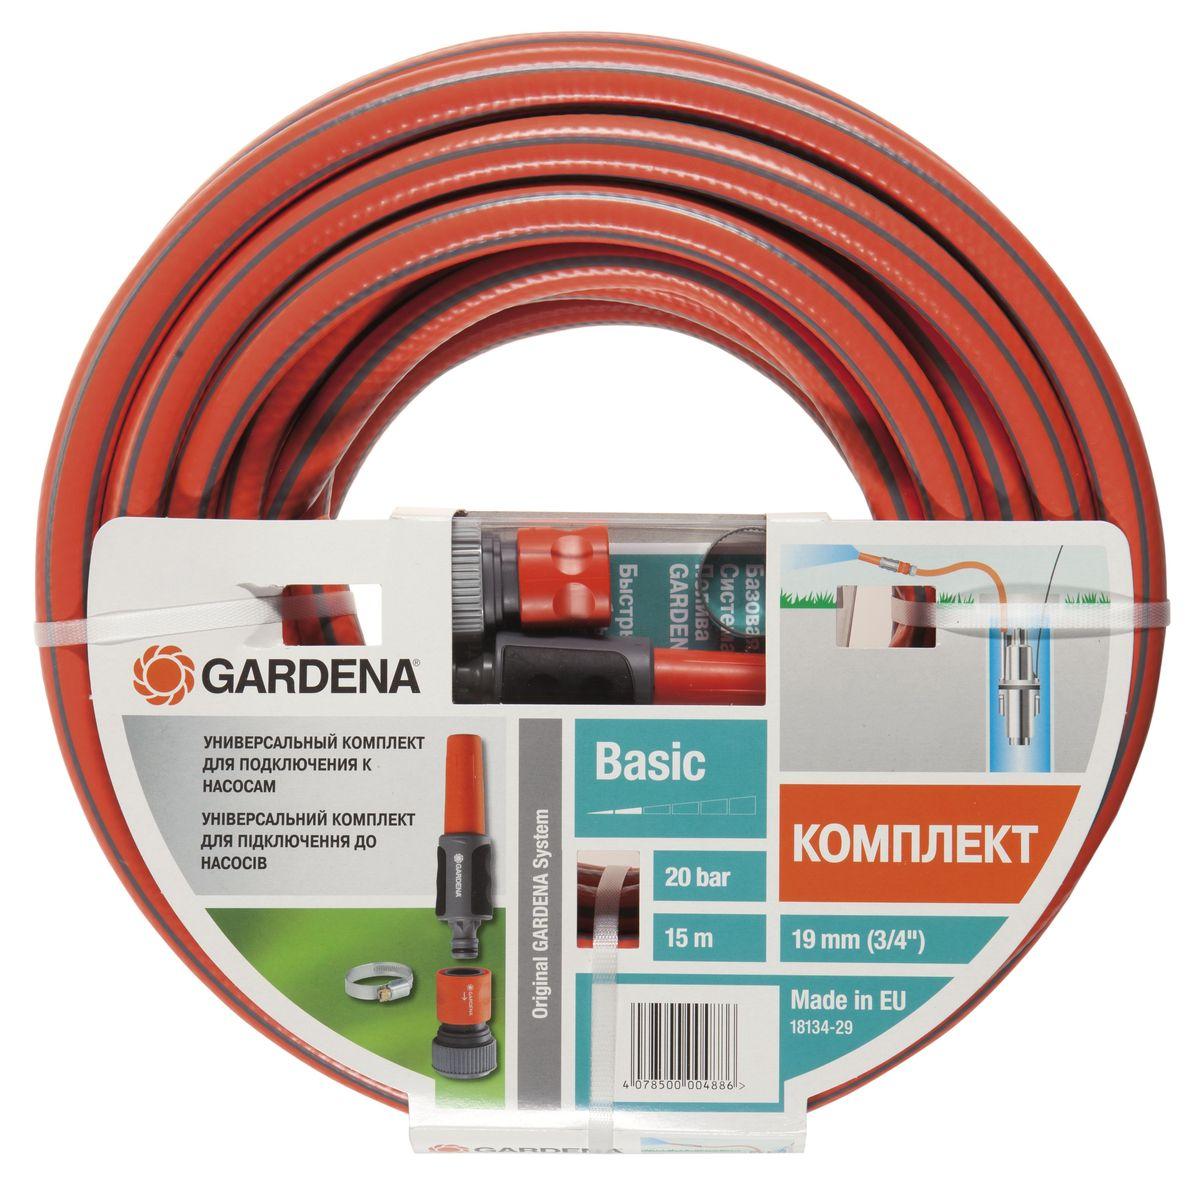 Универсальный комплект для подключения к насосу Gardena18134-29.000.00В комплект входит: хомут для крепления шланга к насосу, коннектор (арт.1 х18124) 13 мм (3/4), наконечник для полива (арт. 1 х 18300) Classic